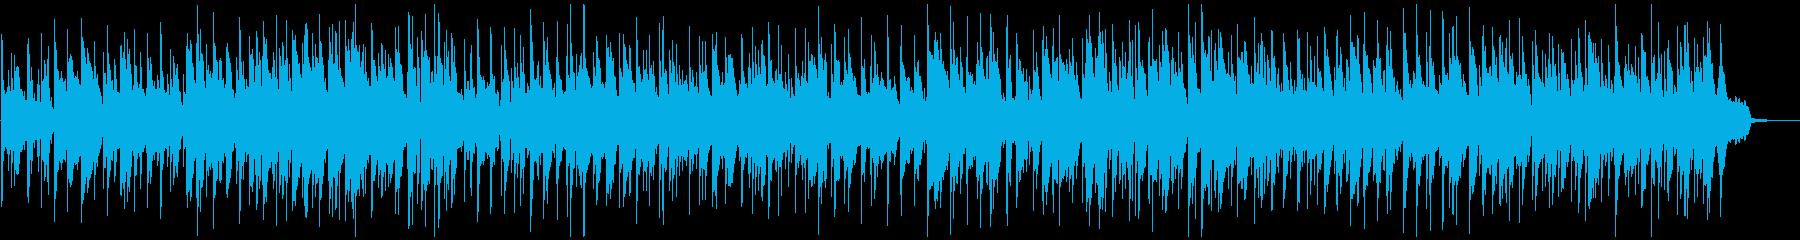 どんな場面にでも合いそうなボサノバの再生済みの波形